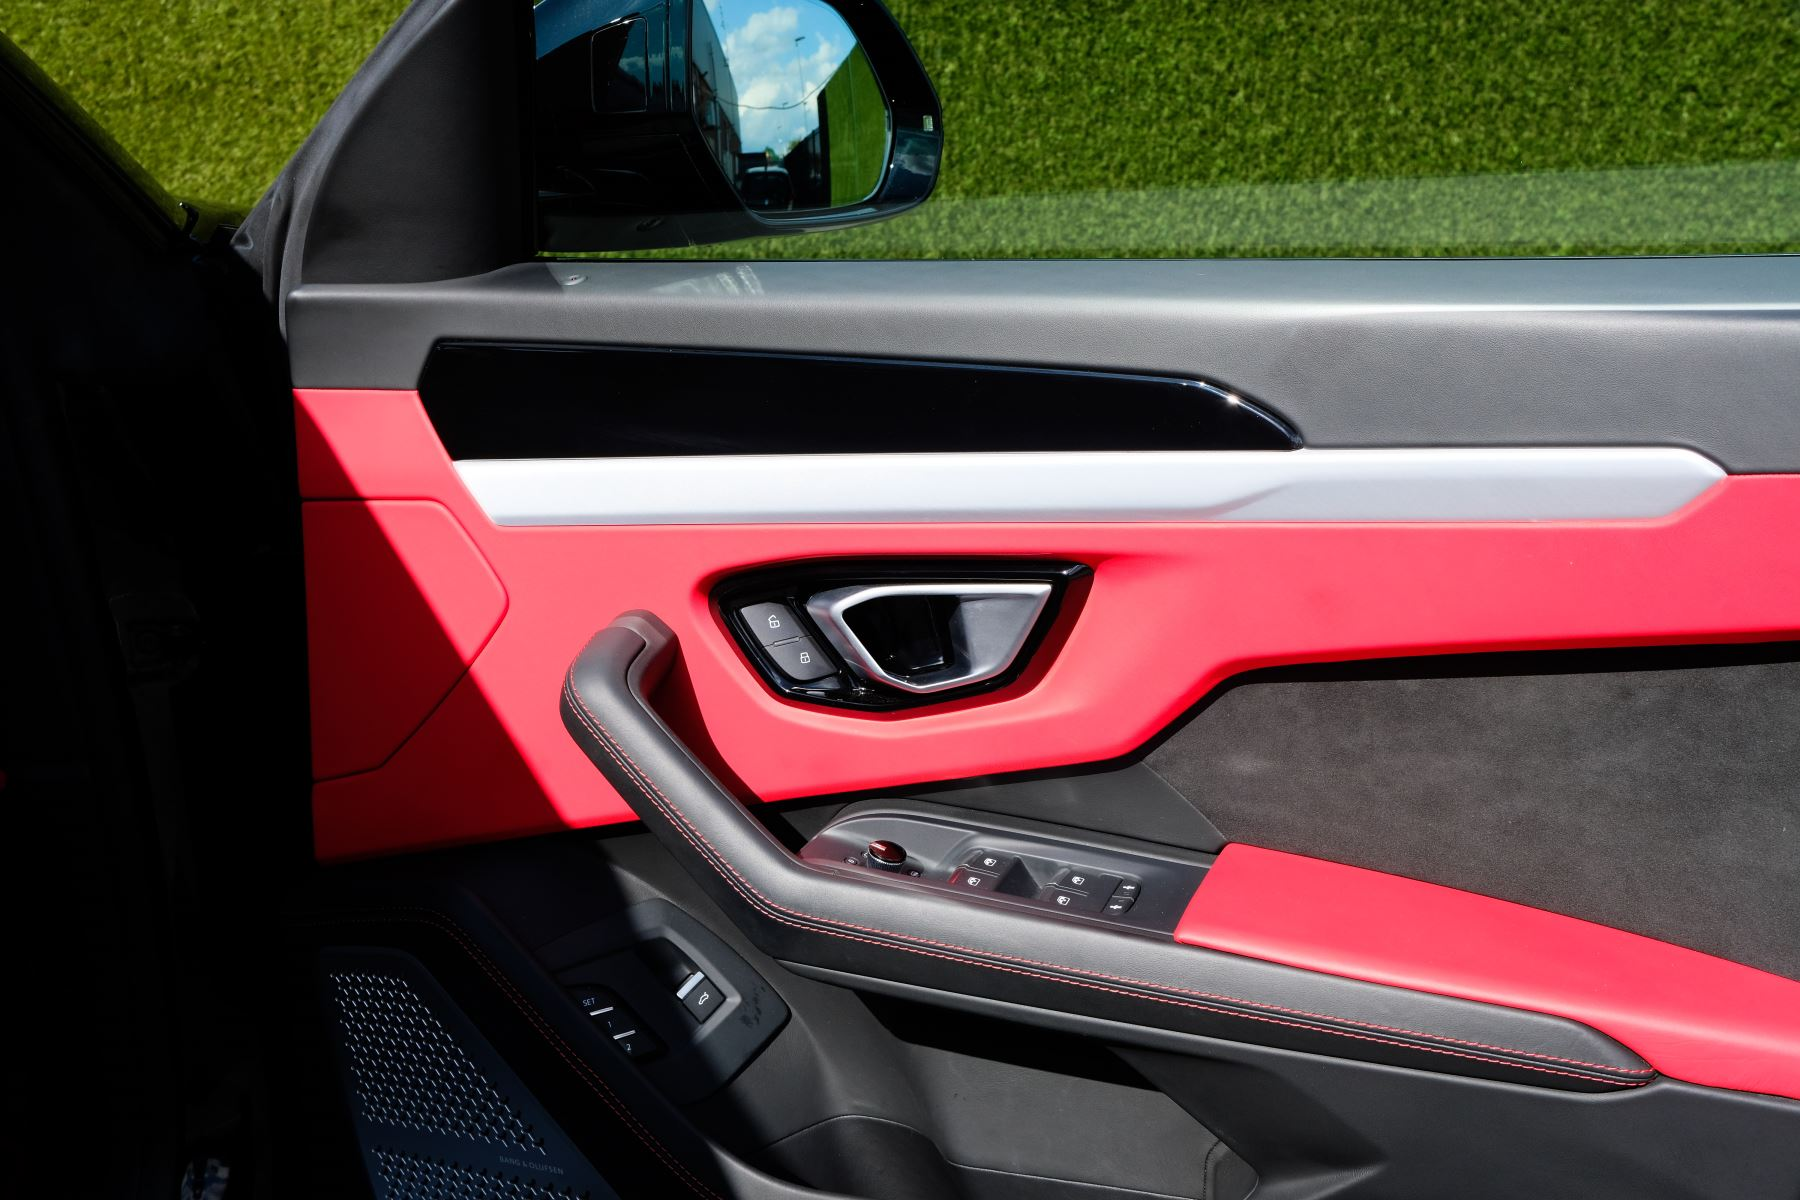 Lamborghini Urus 4.0T FSI V8 AUTO- 4 SEAT CONFIGURATION - NIGHT VISION - 23 INCH ALLOYS image 13